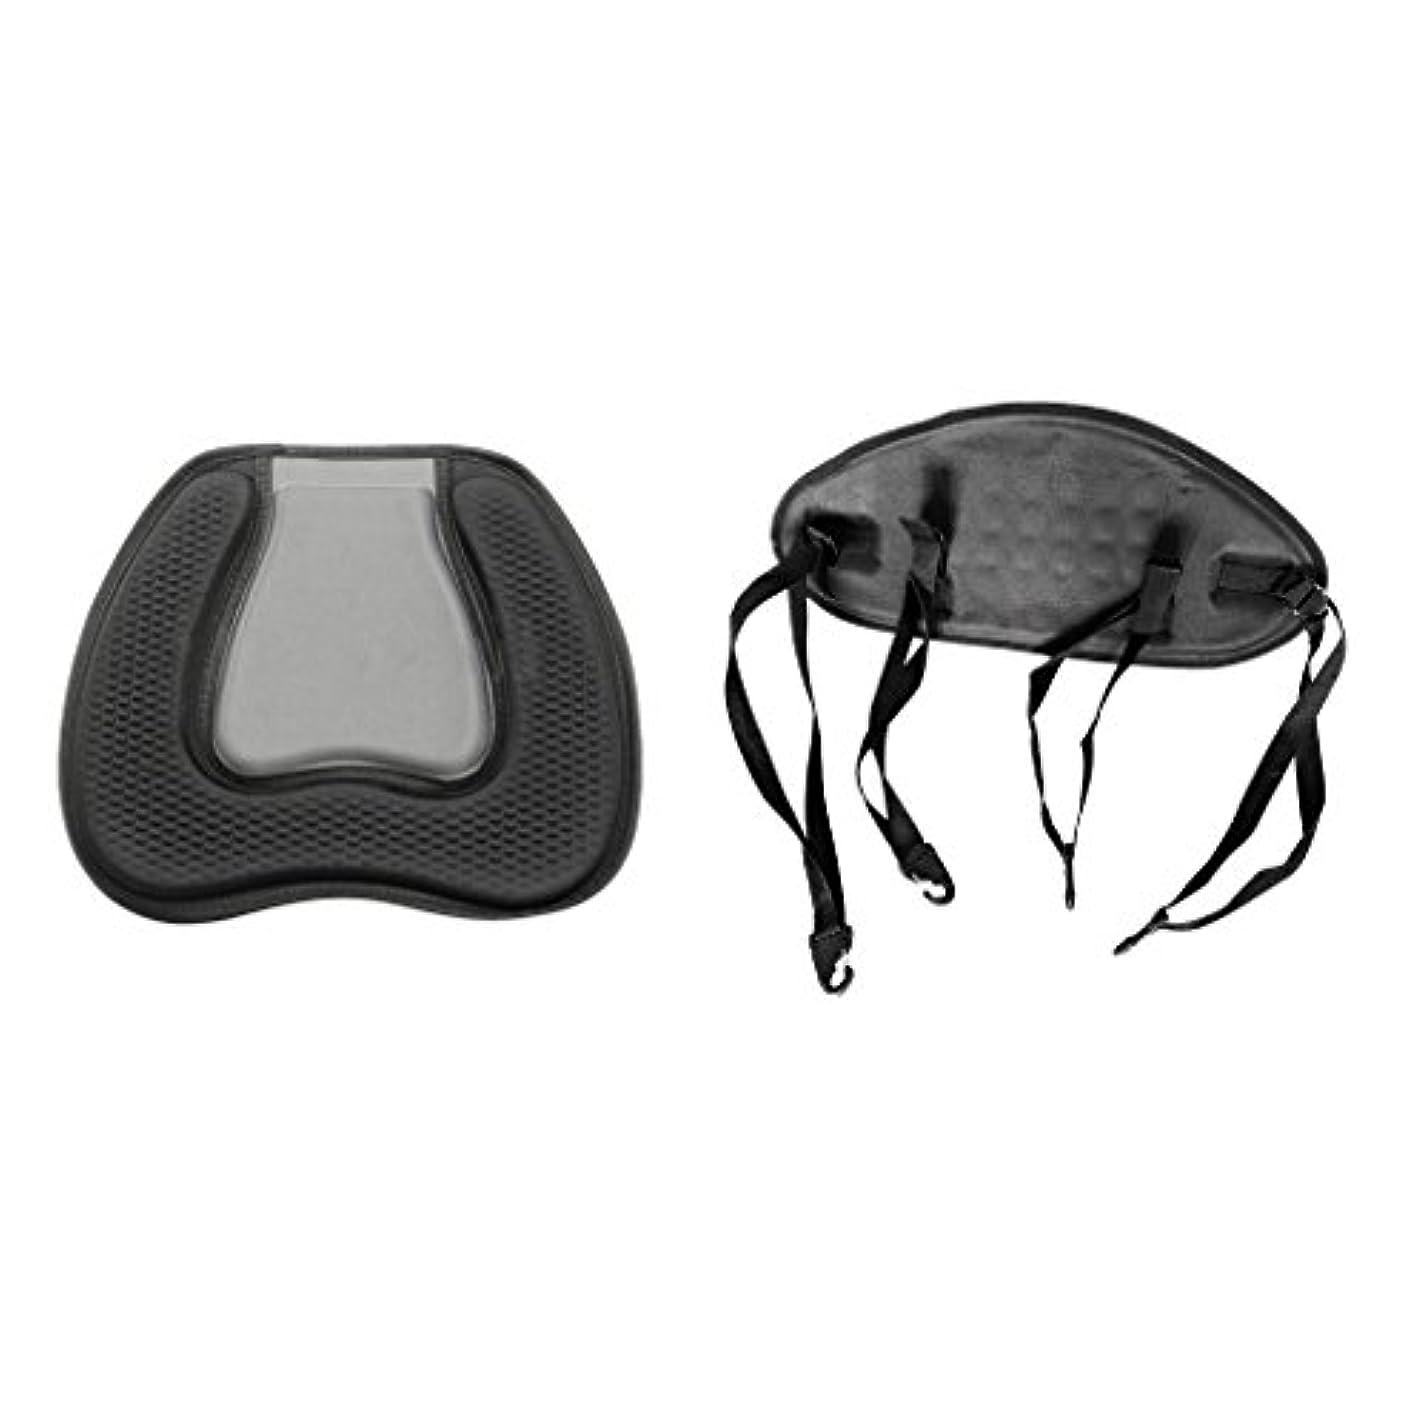 アルカイック毒液豆腐Fityle 2点セット ブラック カヤック用 シートクッション 背もたれ サポート パッド ソフト